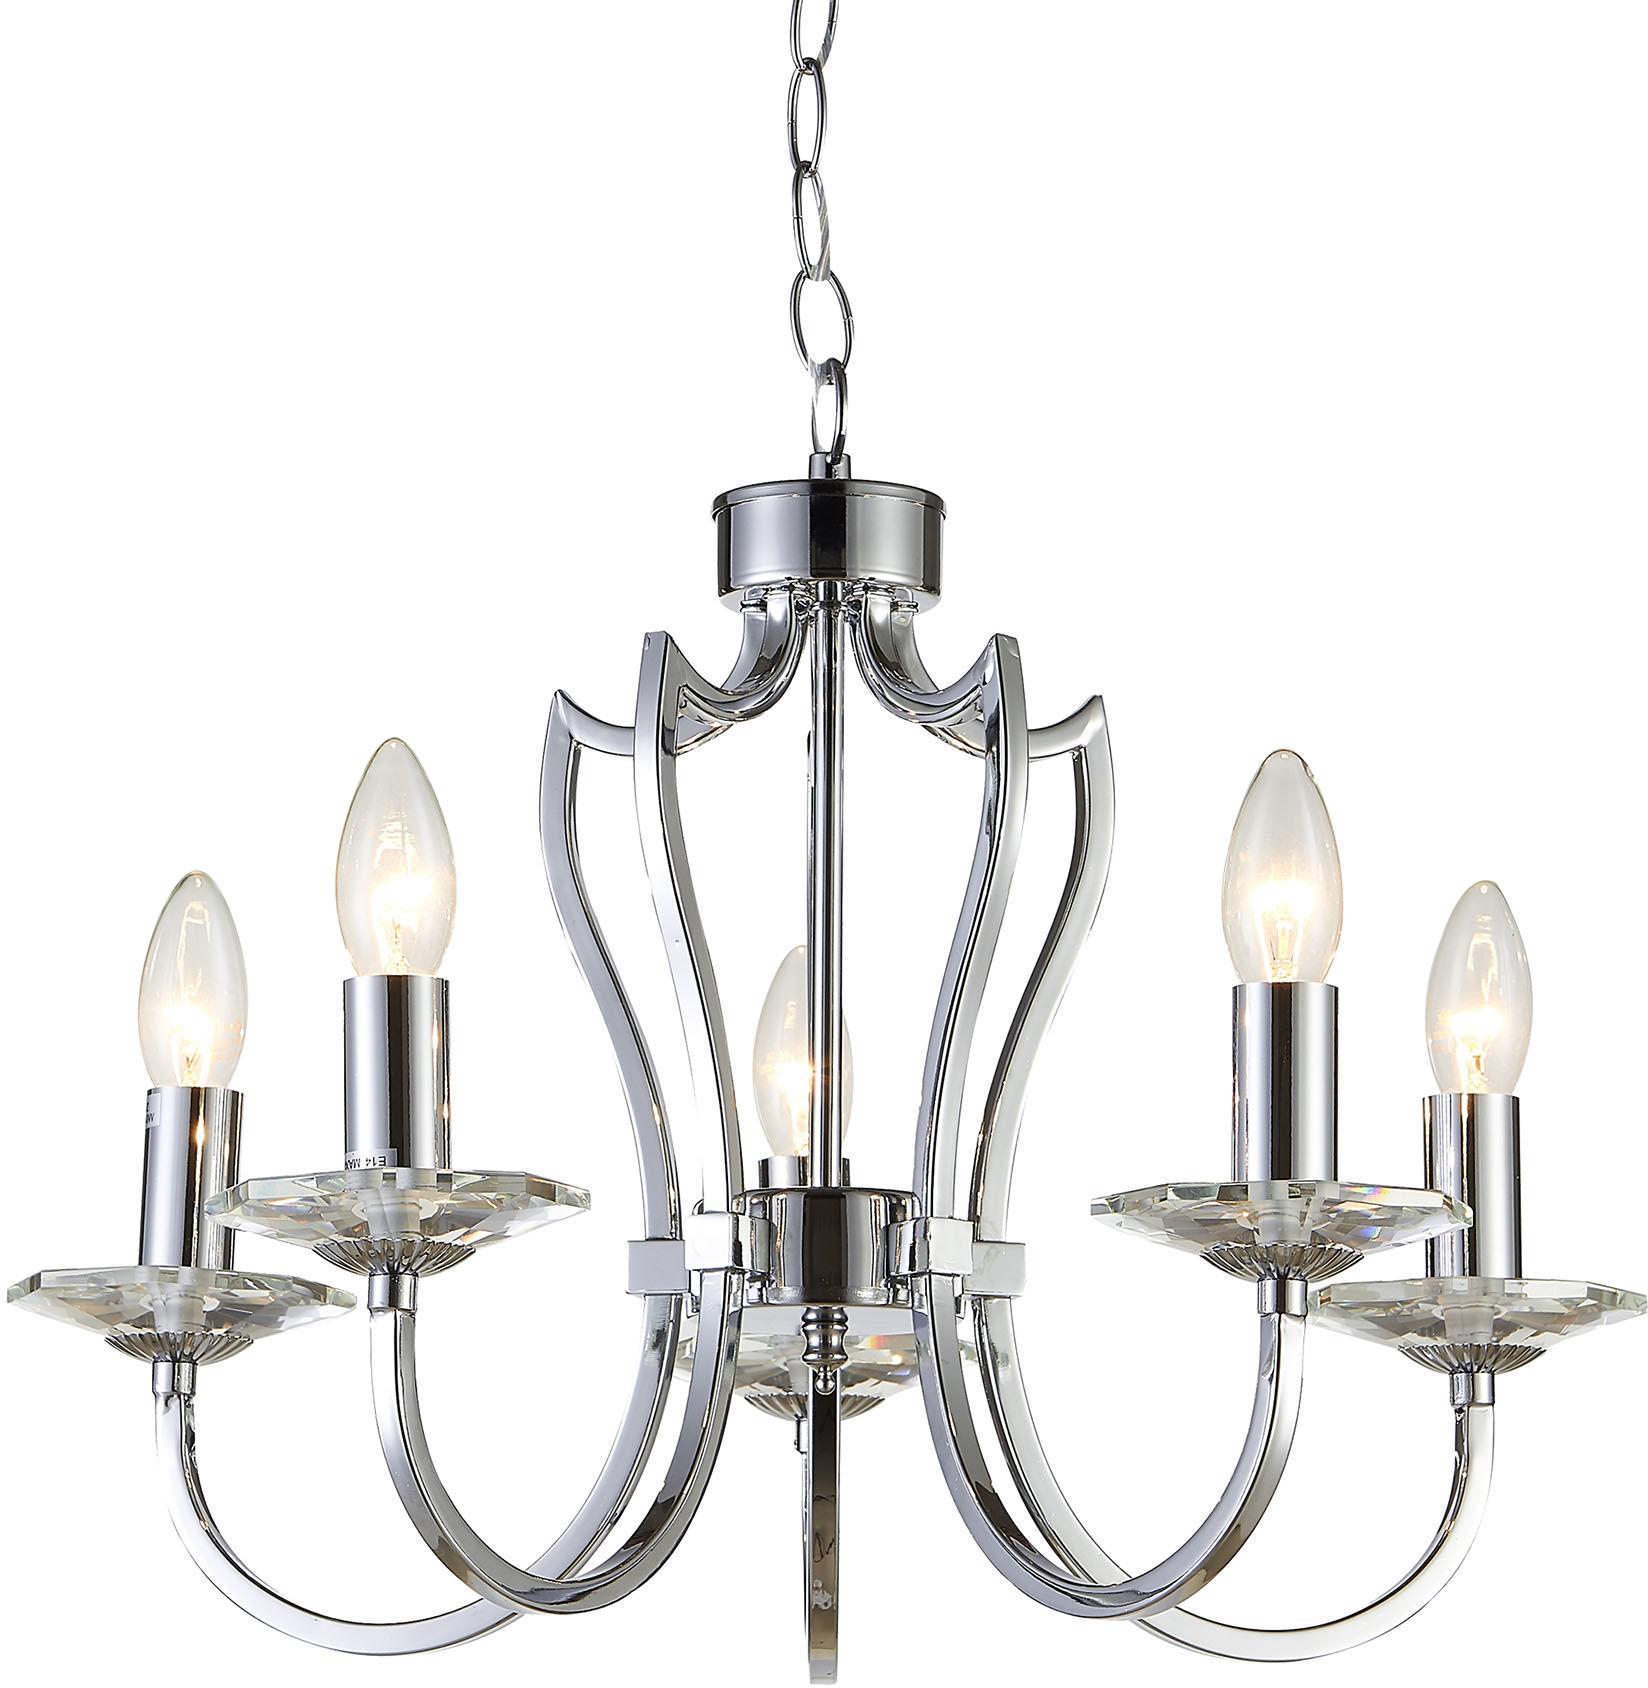 Lampa wisząca Riga P05762CH COSMOLight srebrna oprawa w stylu klasycznym